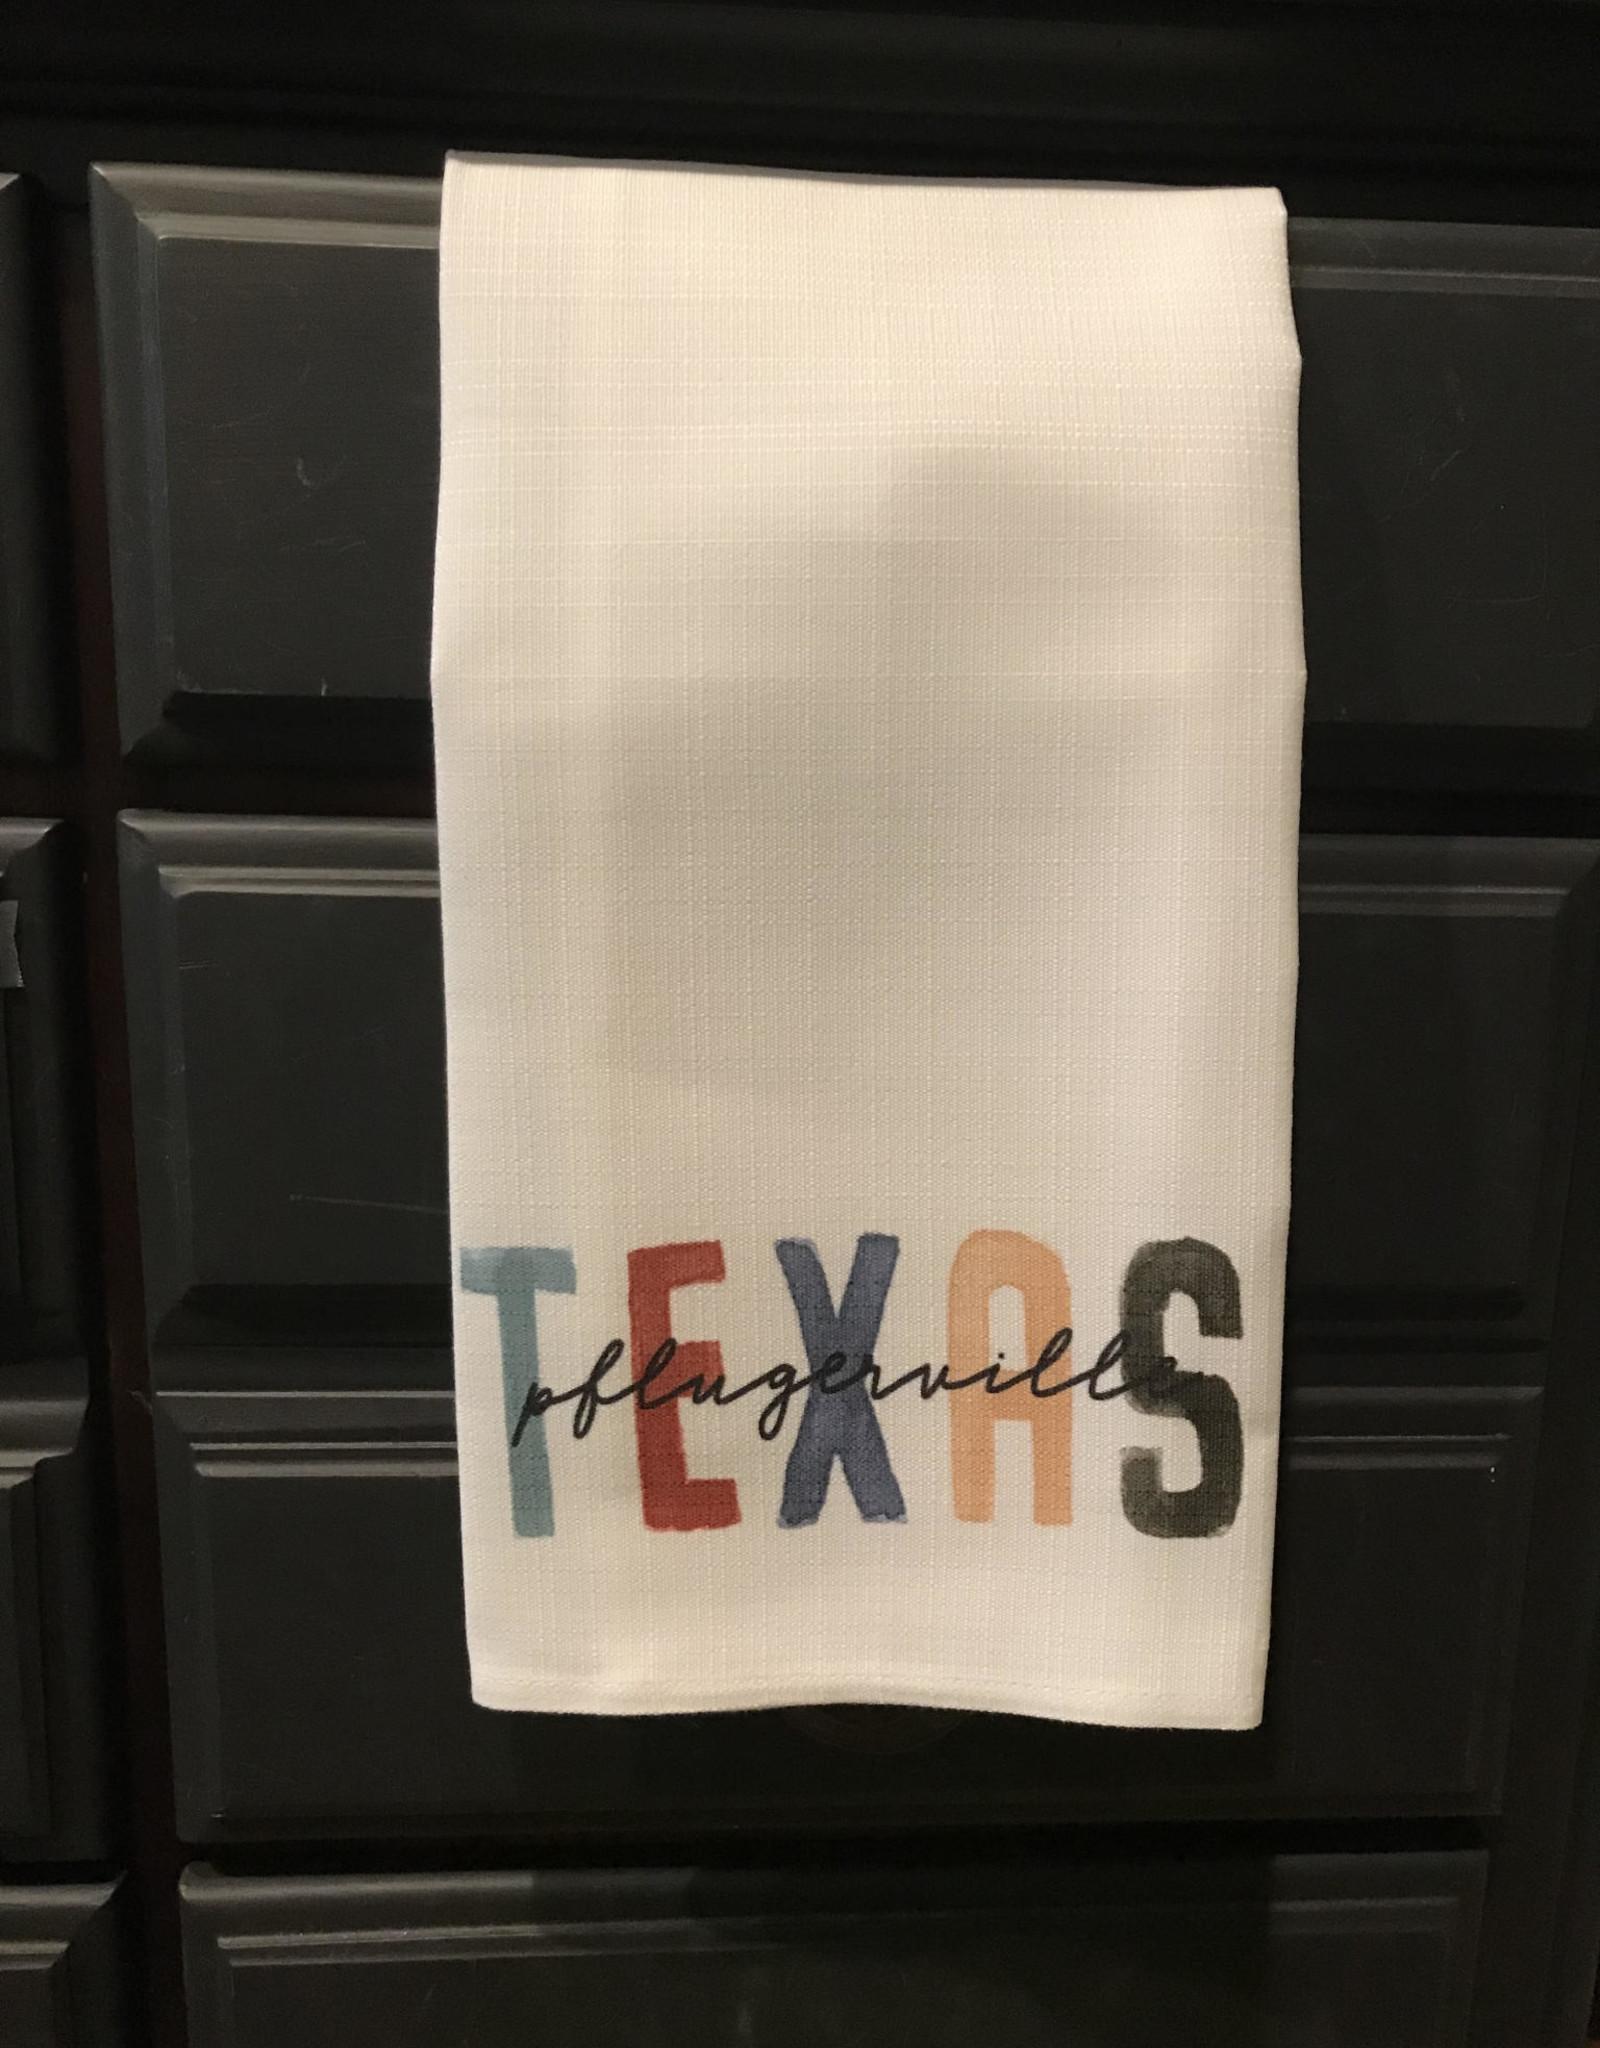 Wink Pflugerville Texas Tea Towel-Earth Tones